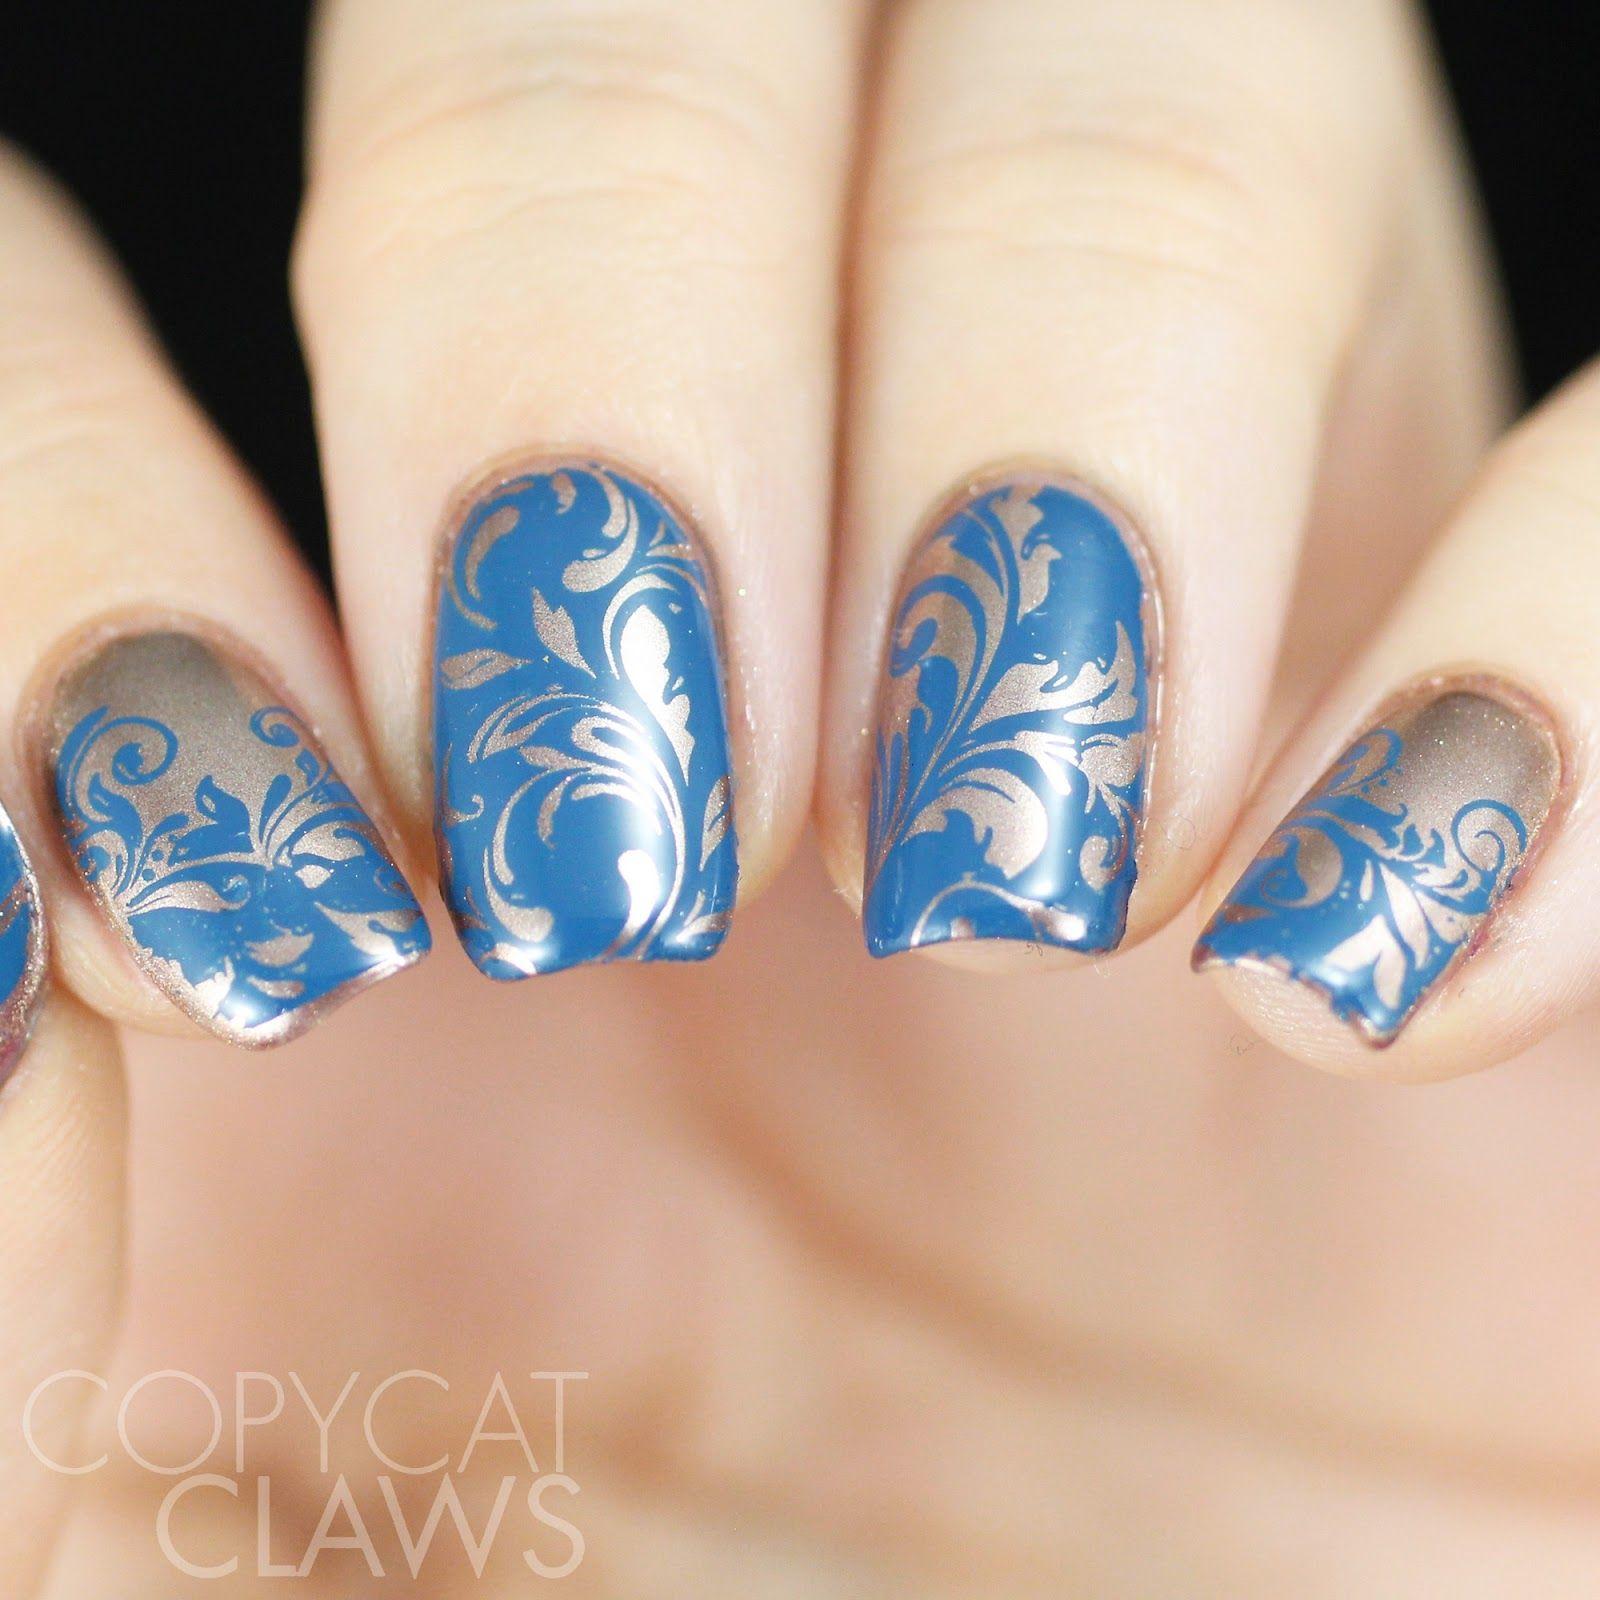 A blog about nail polish, nail stamping and nail art | January 2018 ...